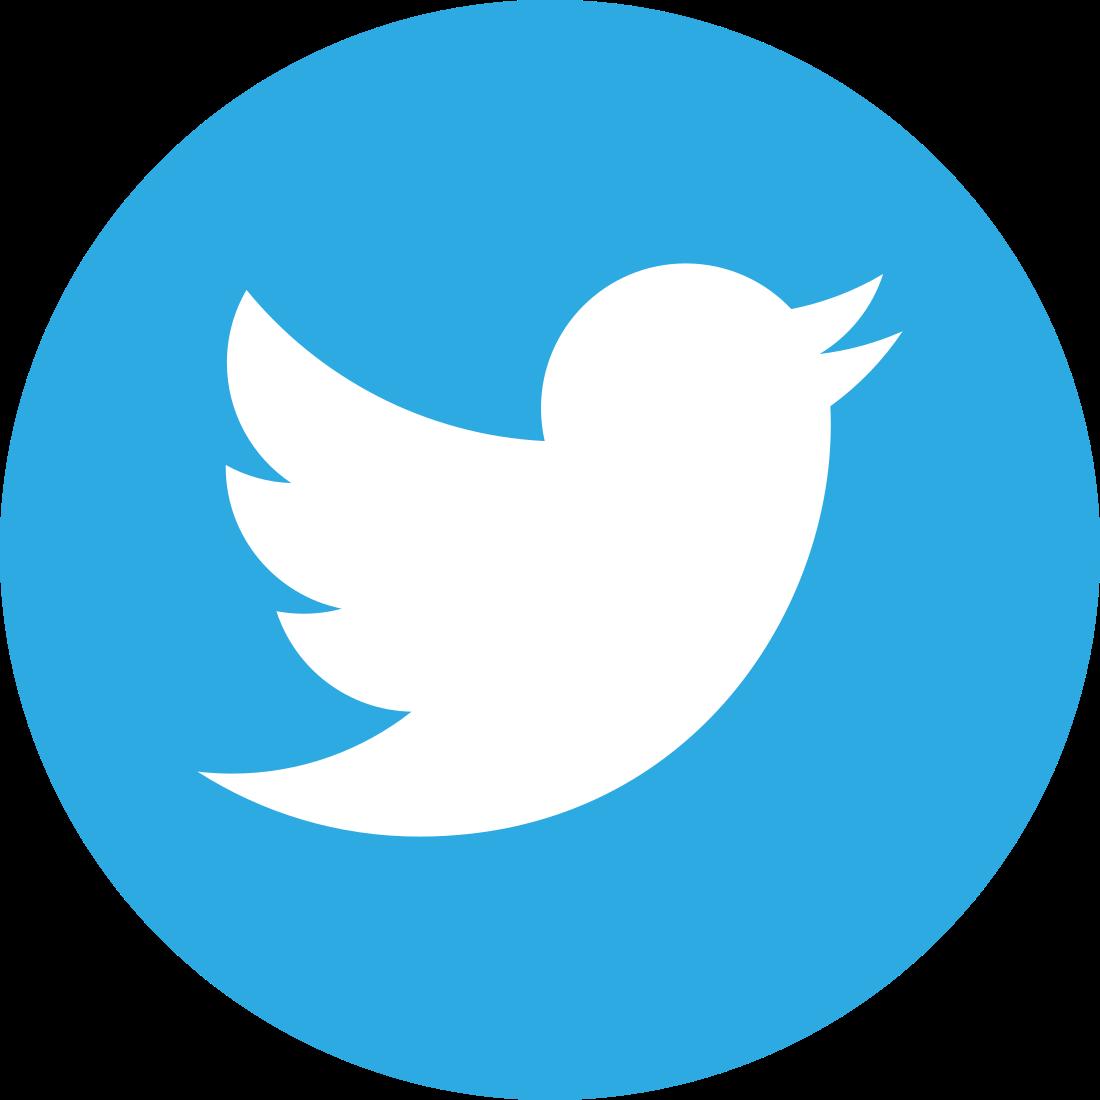 twitter-logo-5